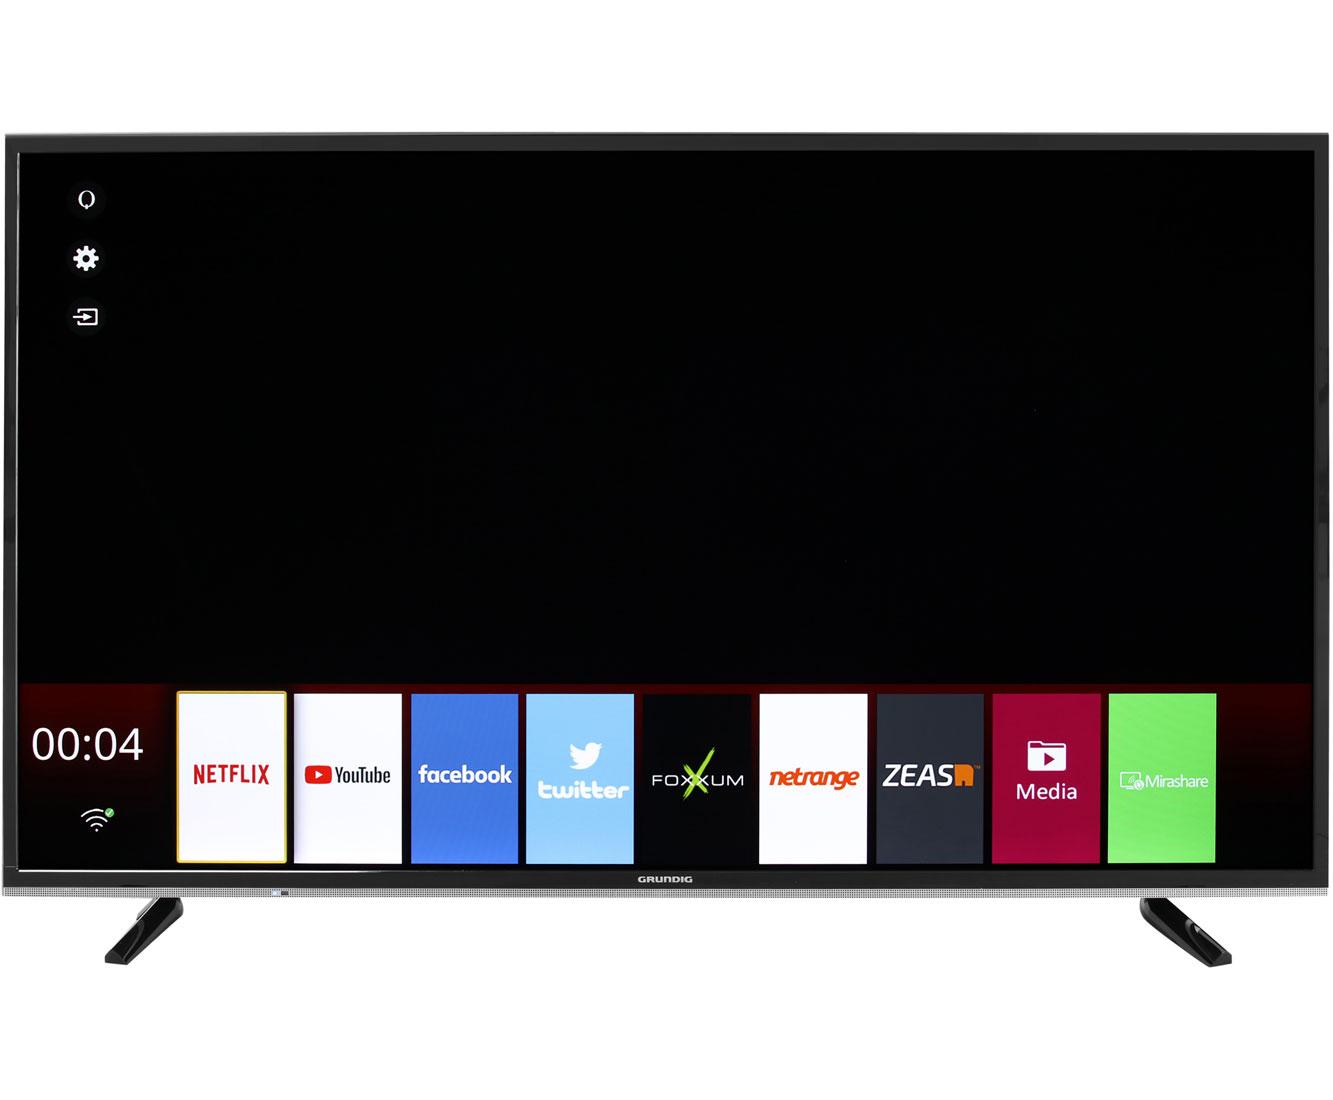 Grundig Vision 8 65 GUB 8960 Fernseher - Schwarz